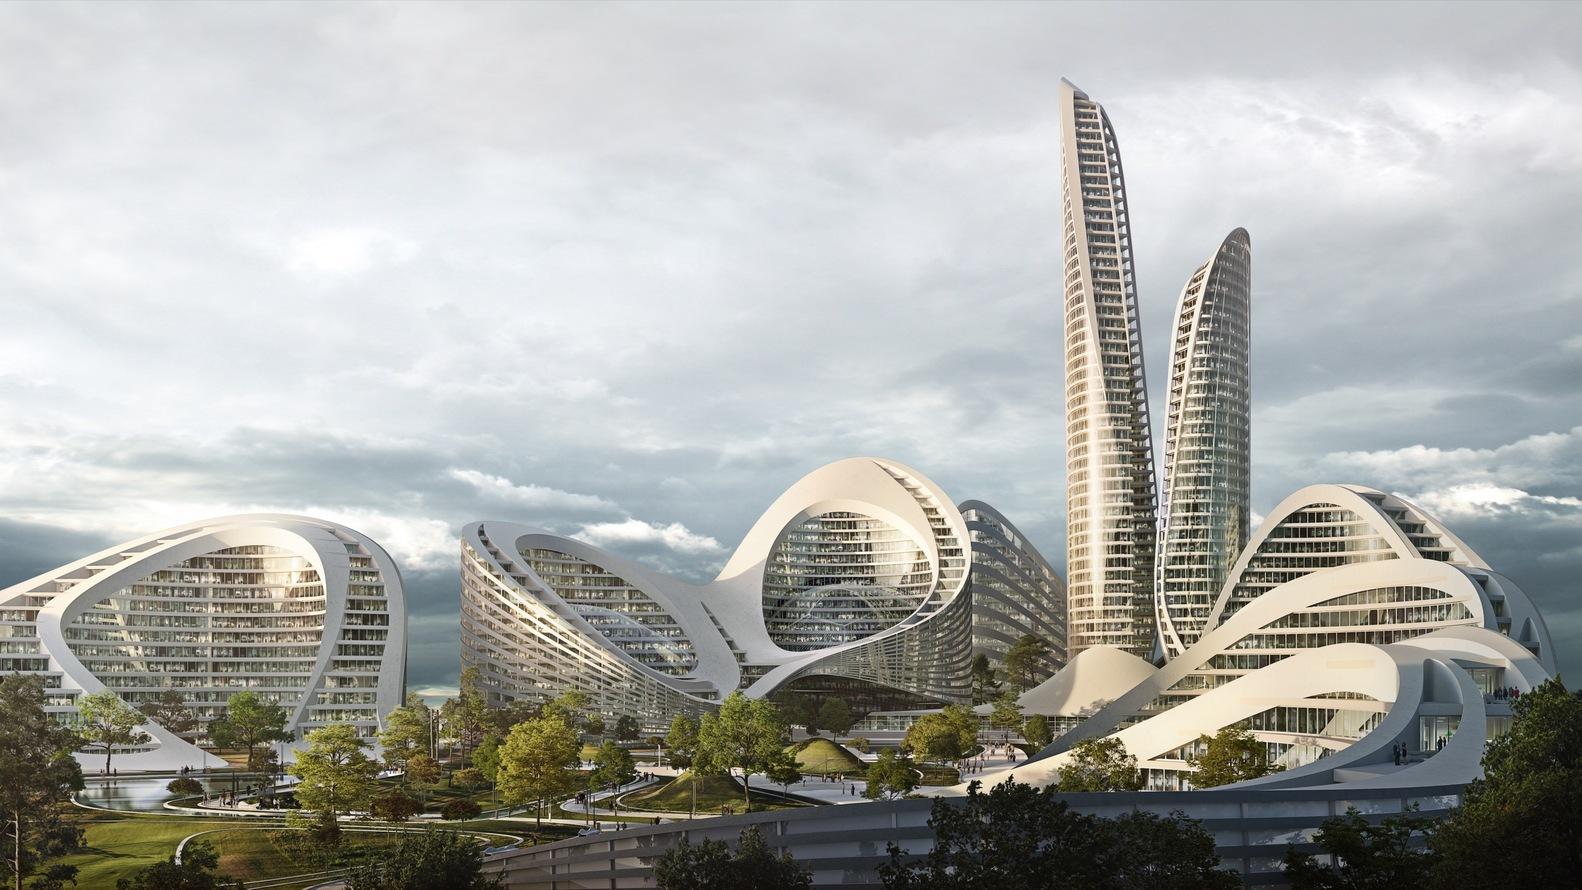 معماران زاها حدید در میان شرکت های انتخاب شده برای پروژه اَبرشهر هوشمند روسیه